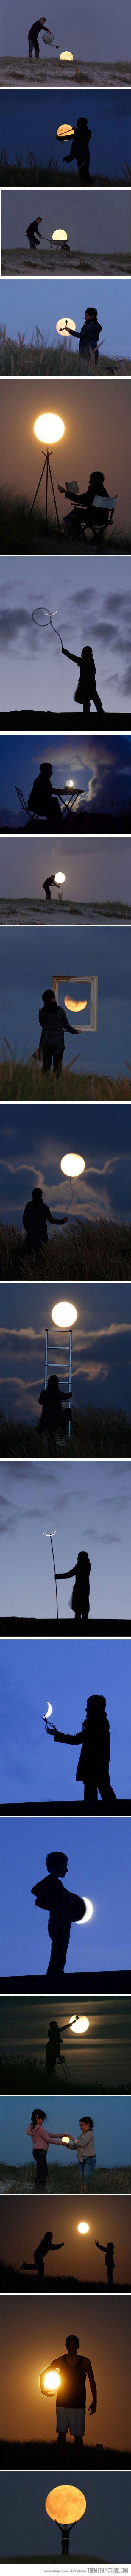 与月亮玩得开心......